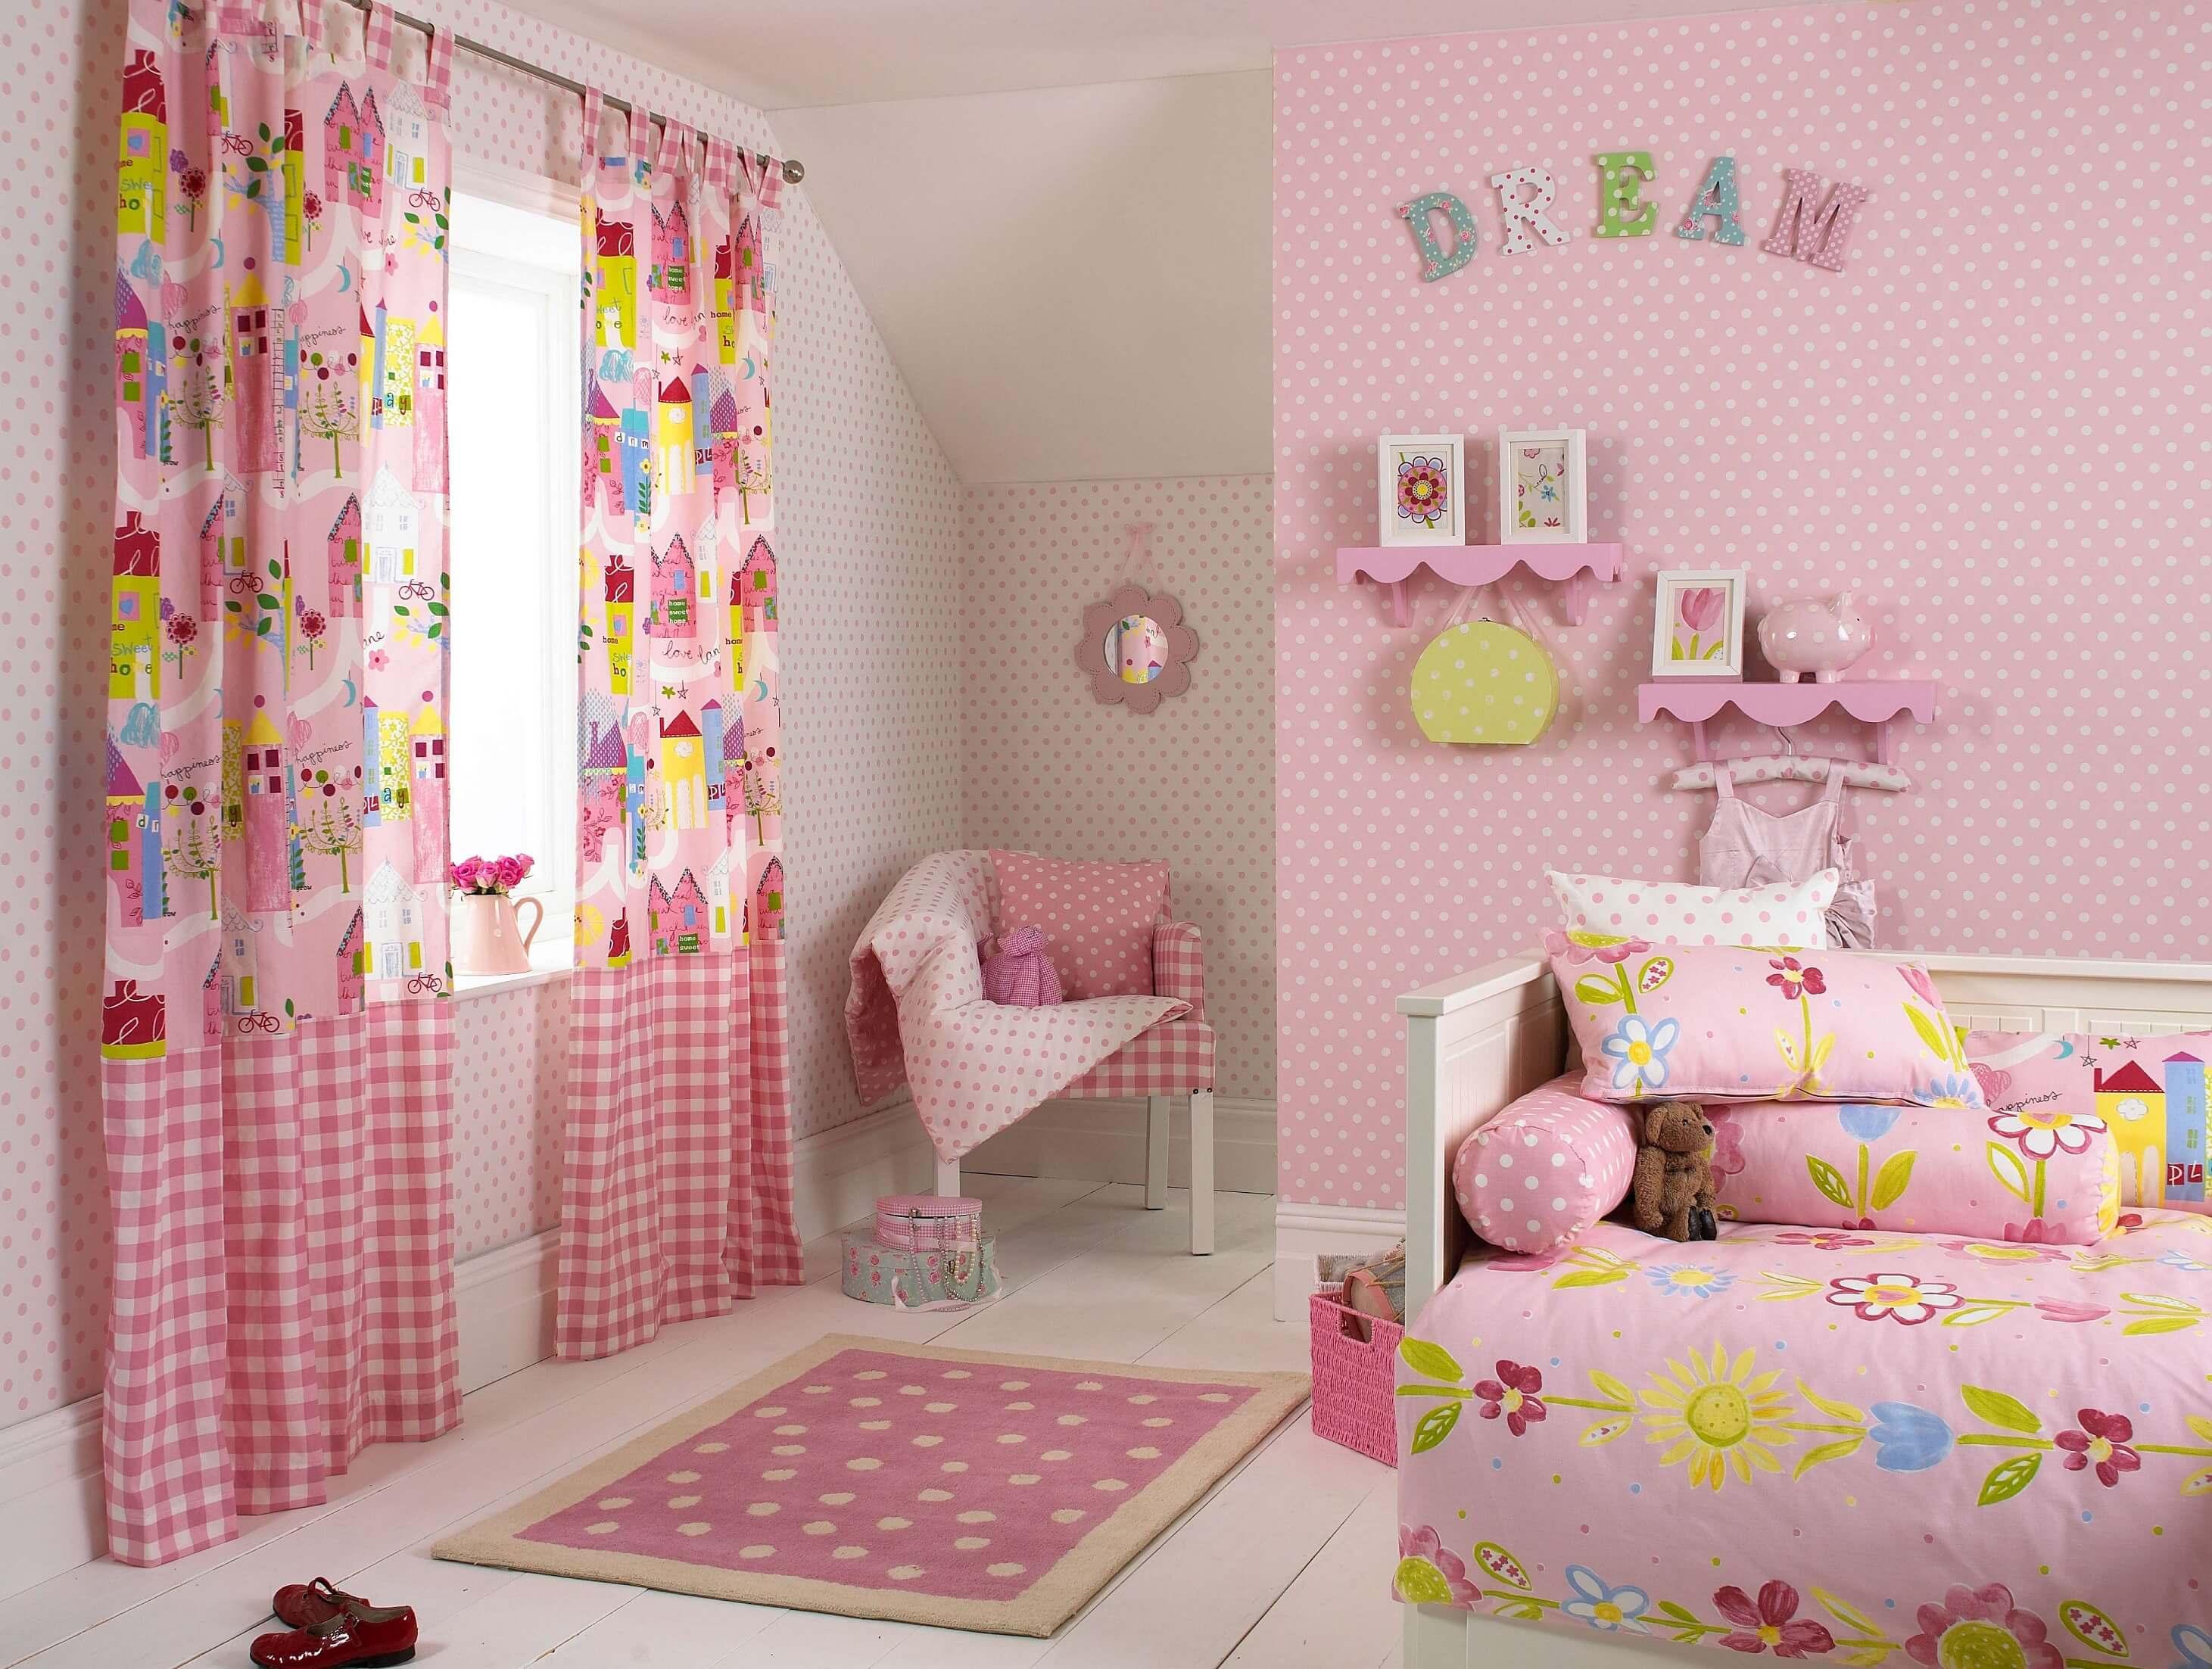 Ideeen Voor Slaapkamer Kleur : Mooie Meisjes slaapkamer inrichten ...